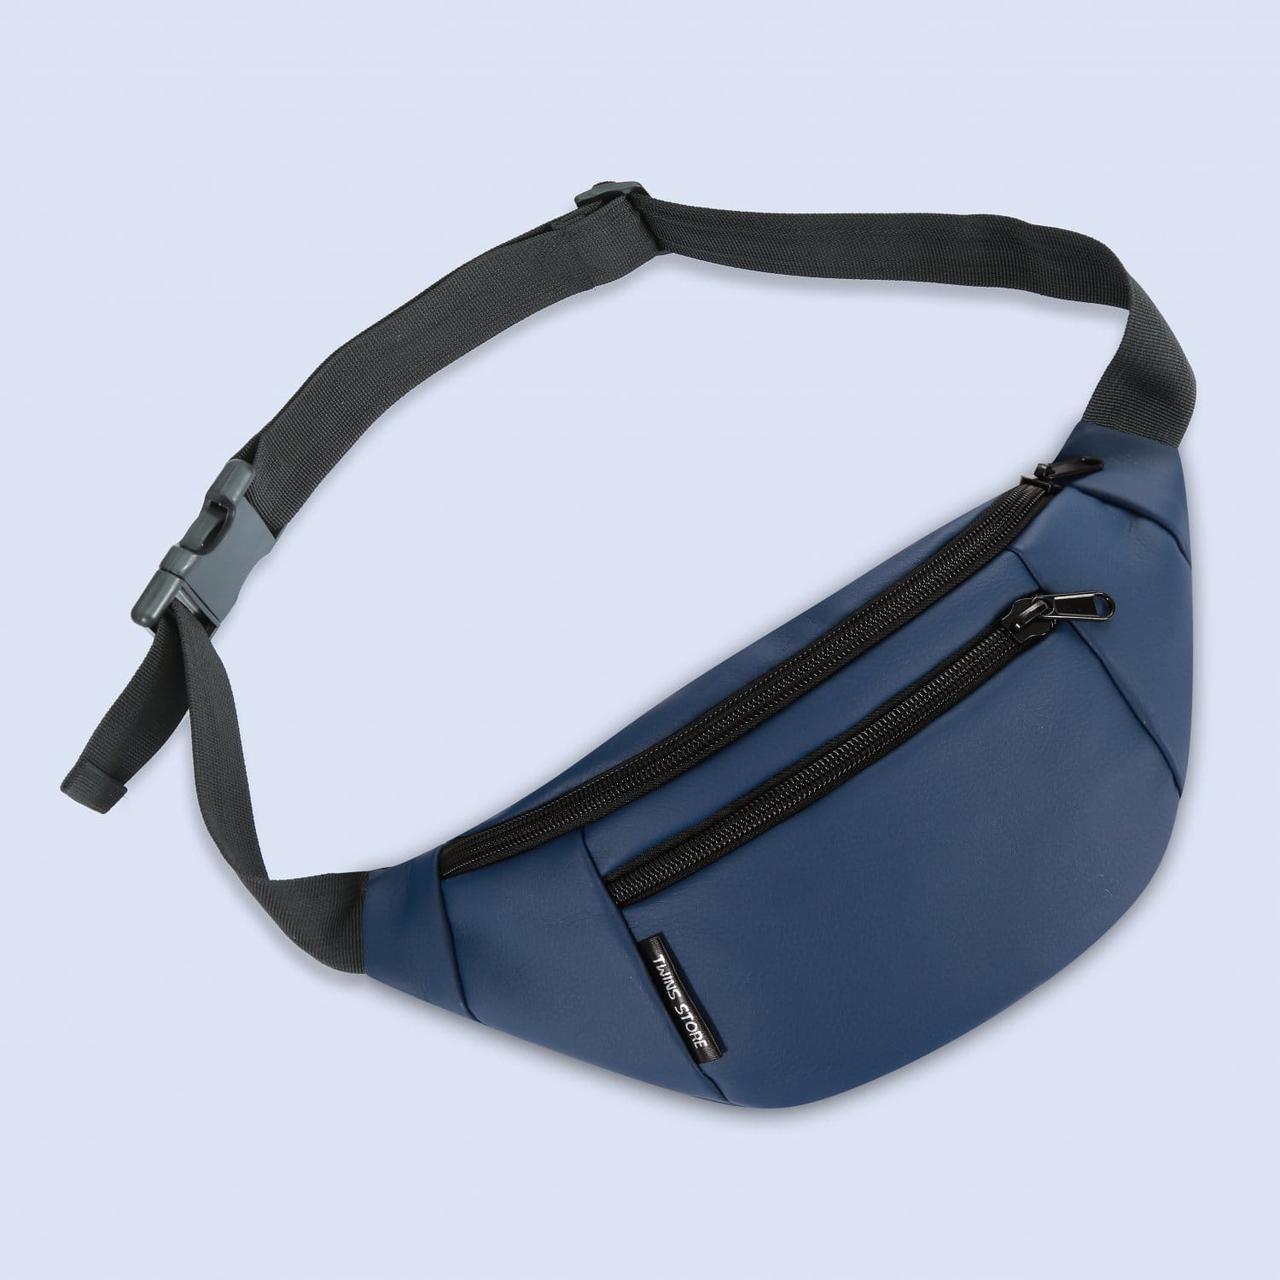 92370454e4cb Поясная сумка Twins эко-кожа синяя - купить по лучшей цене в ...